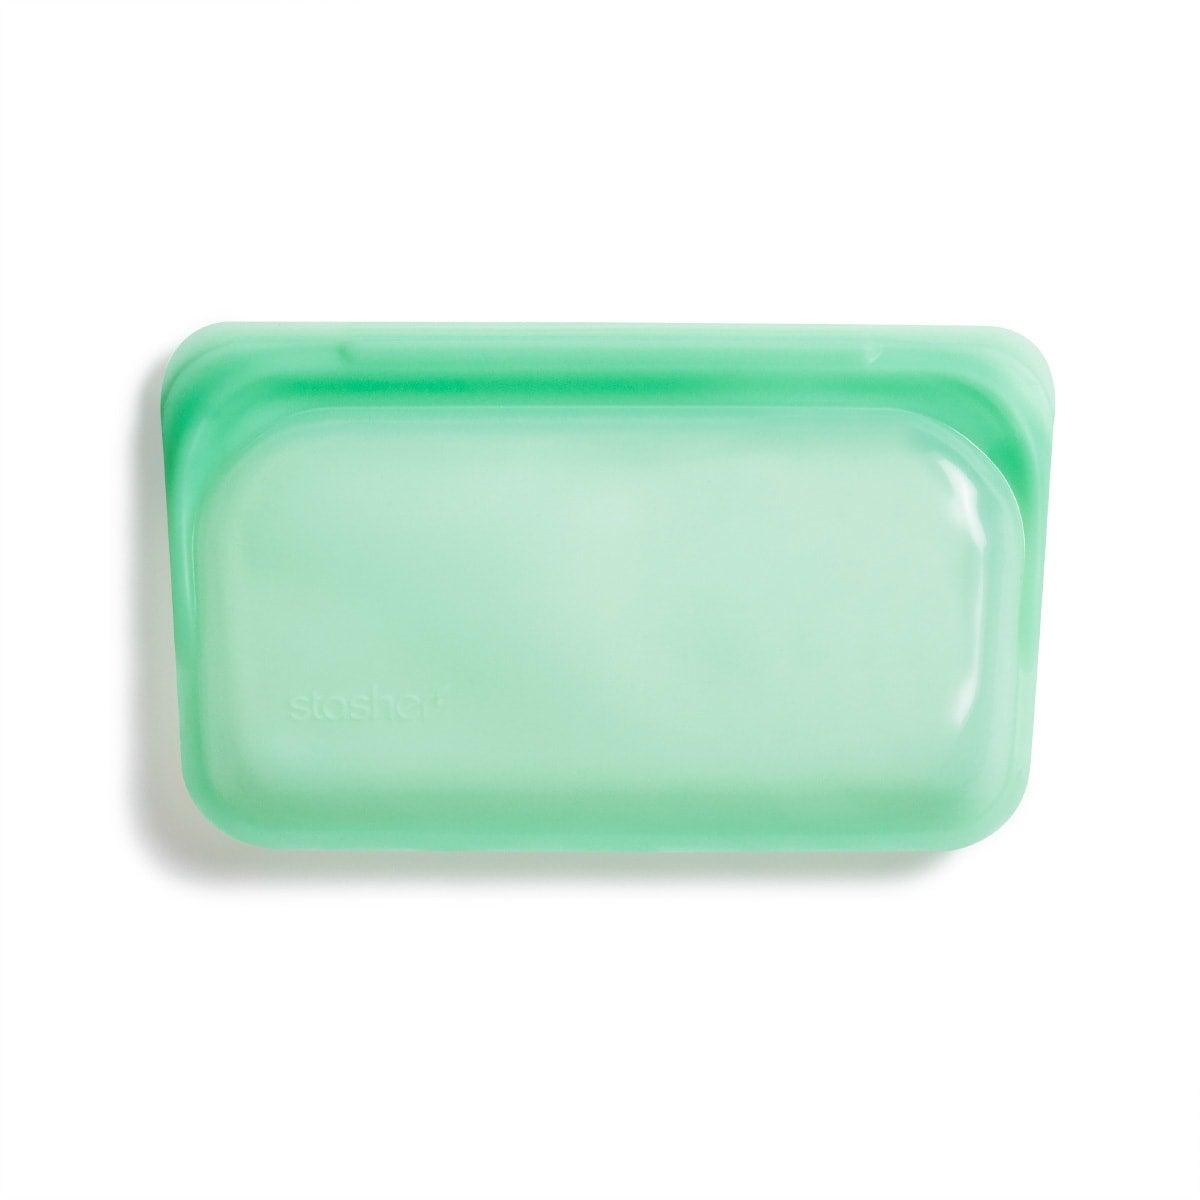 stasher snack bag - empty